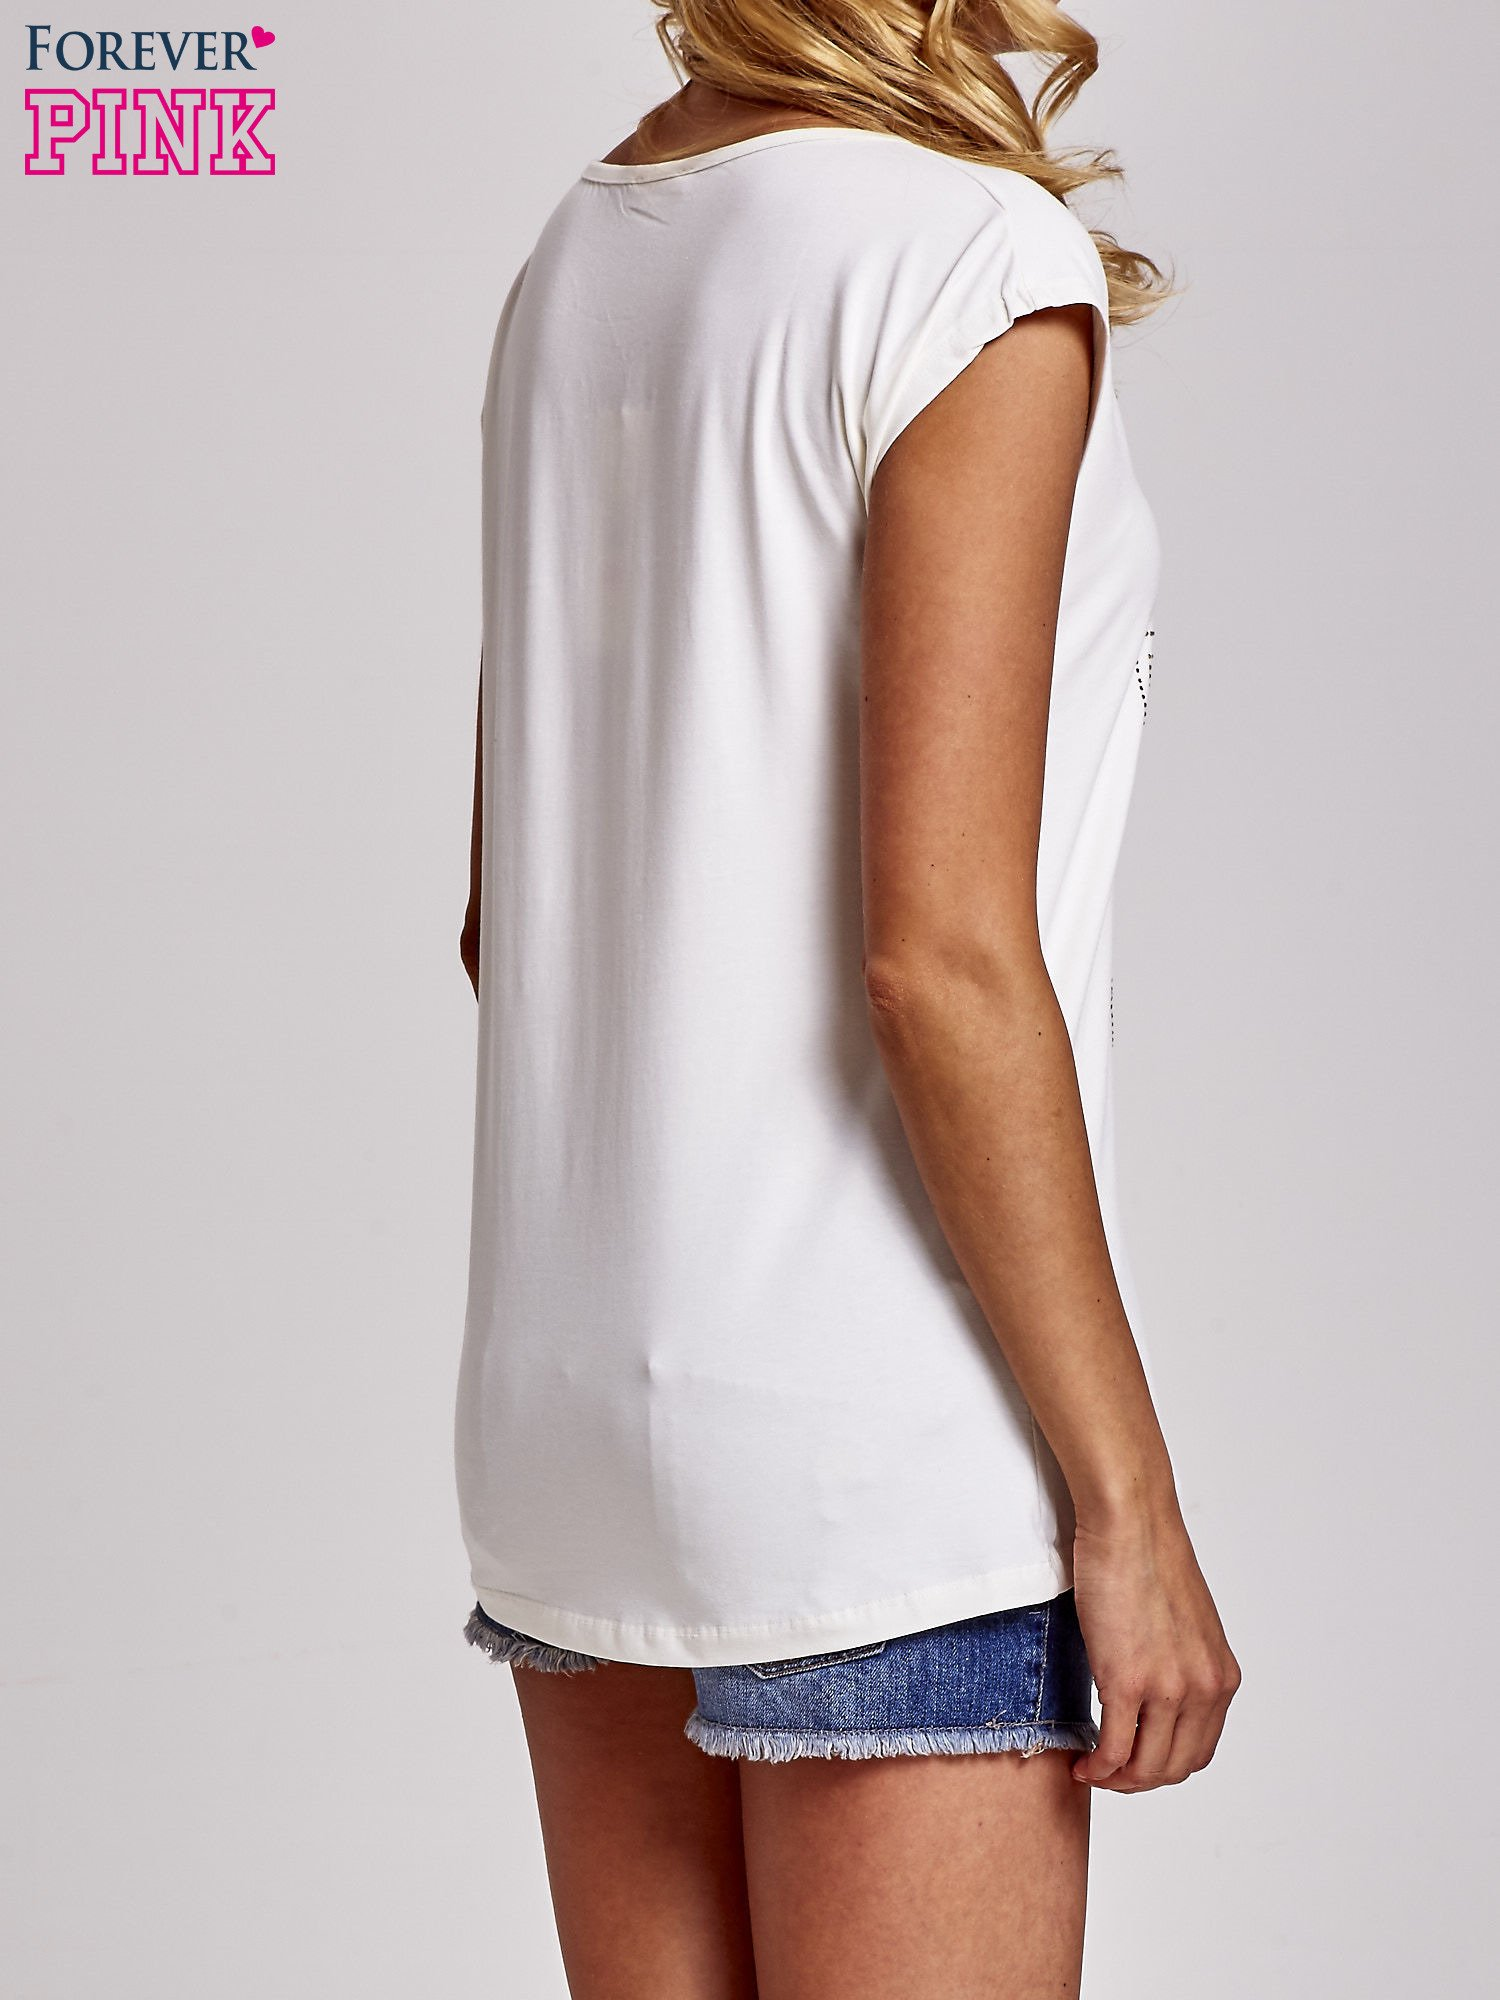 Ecru t-shirt z numerem 58 z dżetów                                  zdj.                                  4